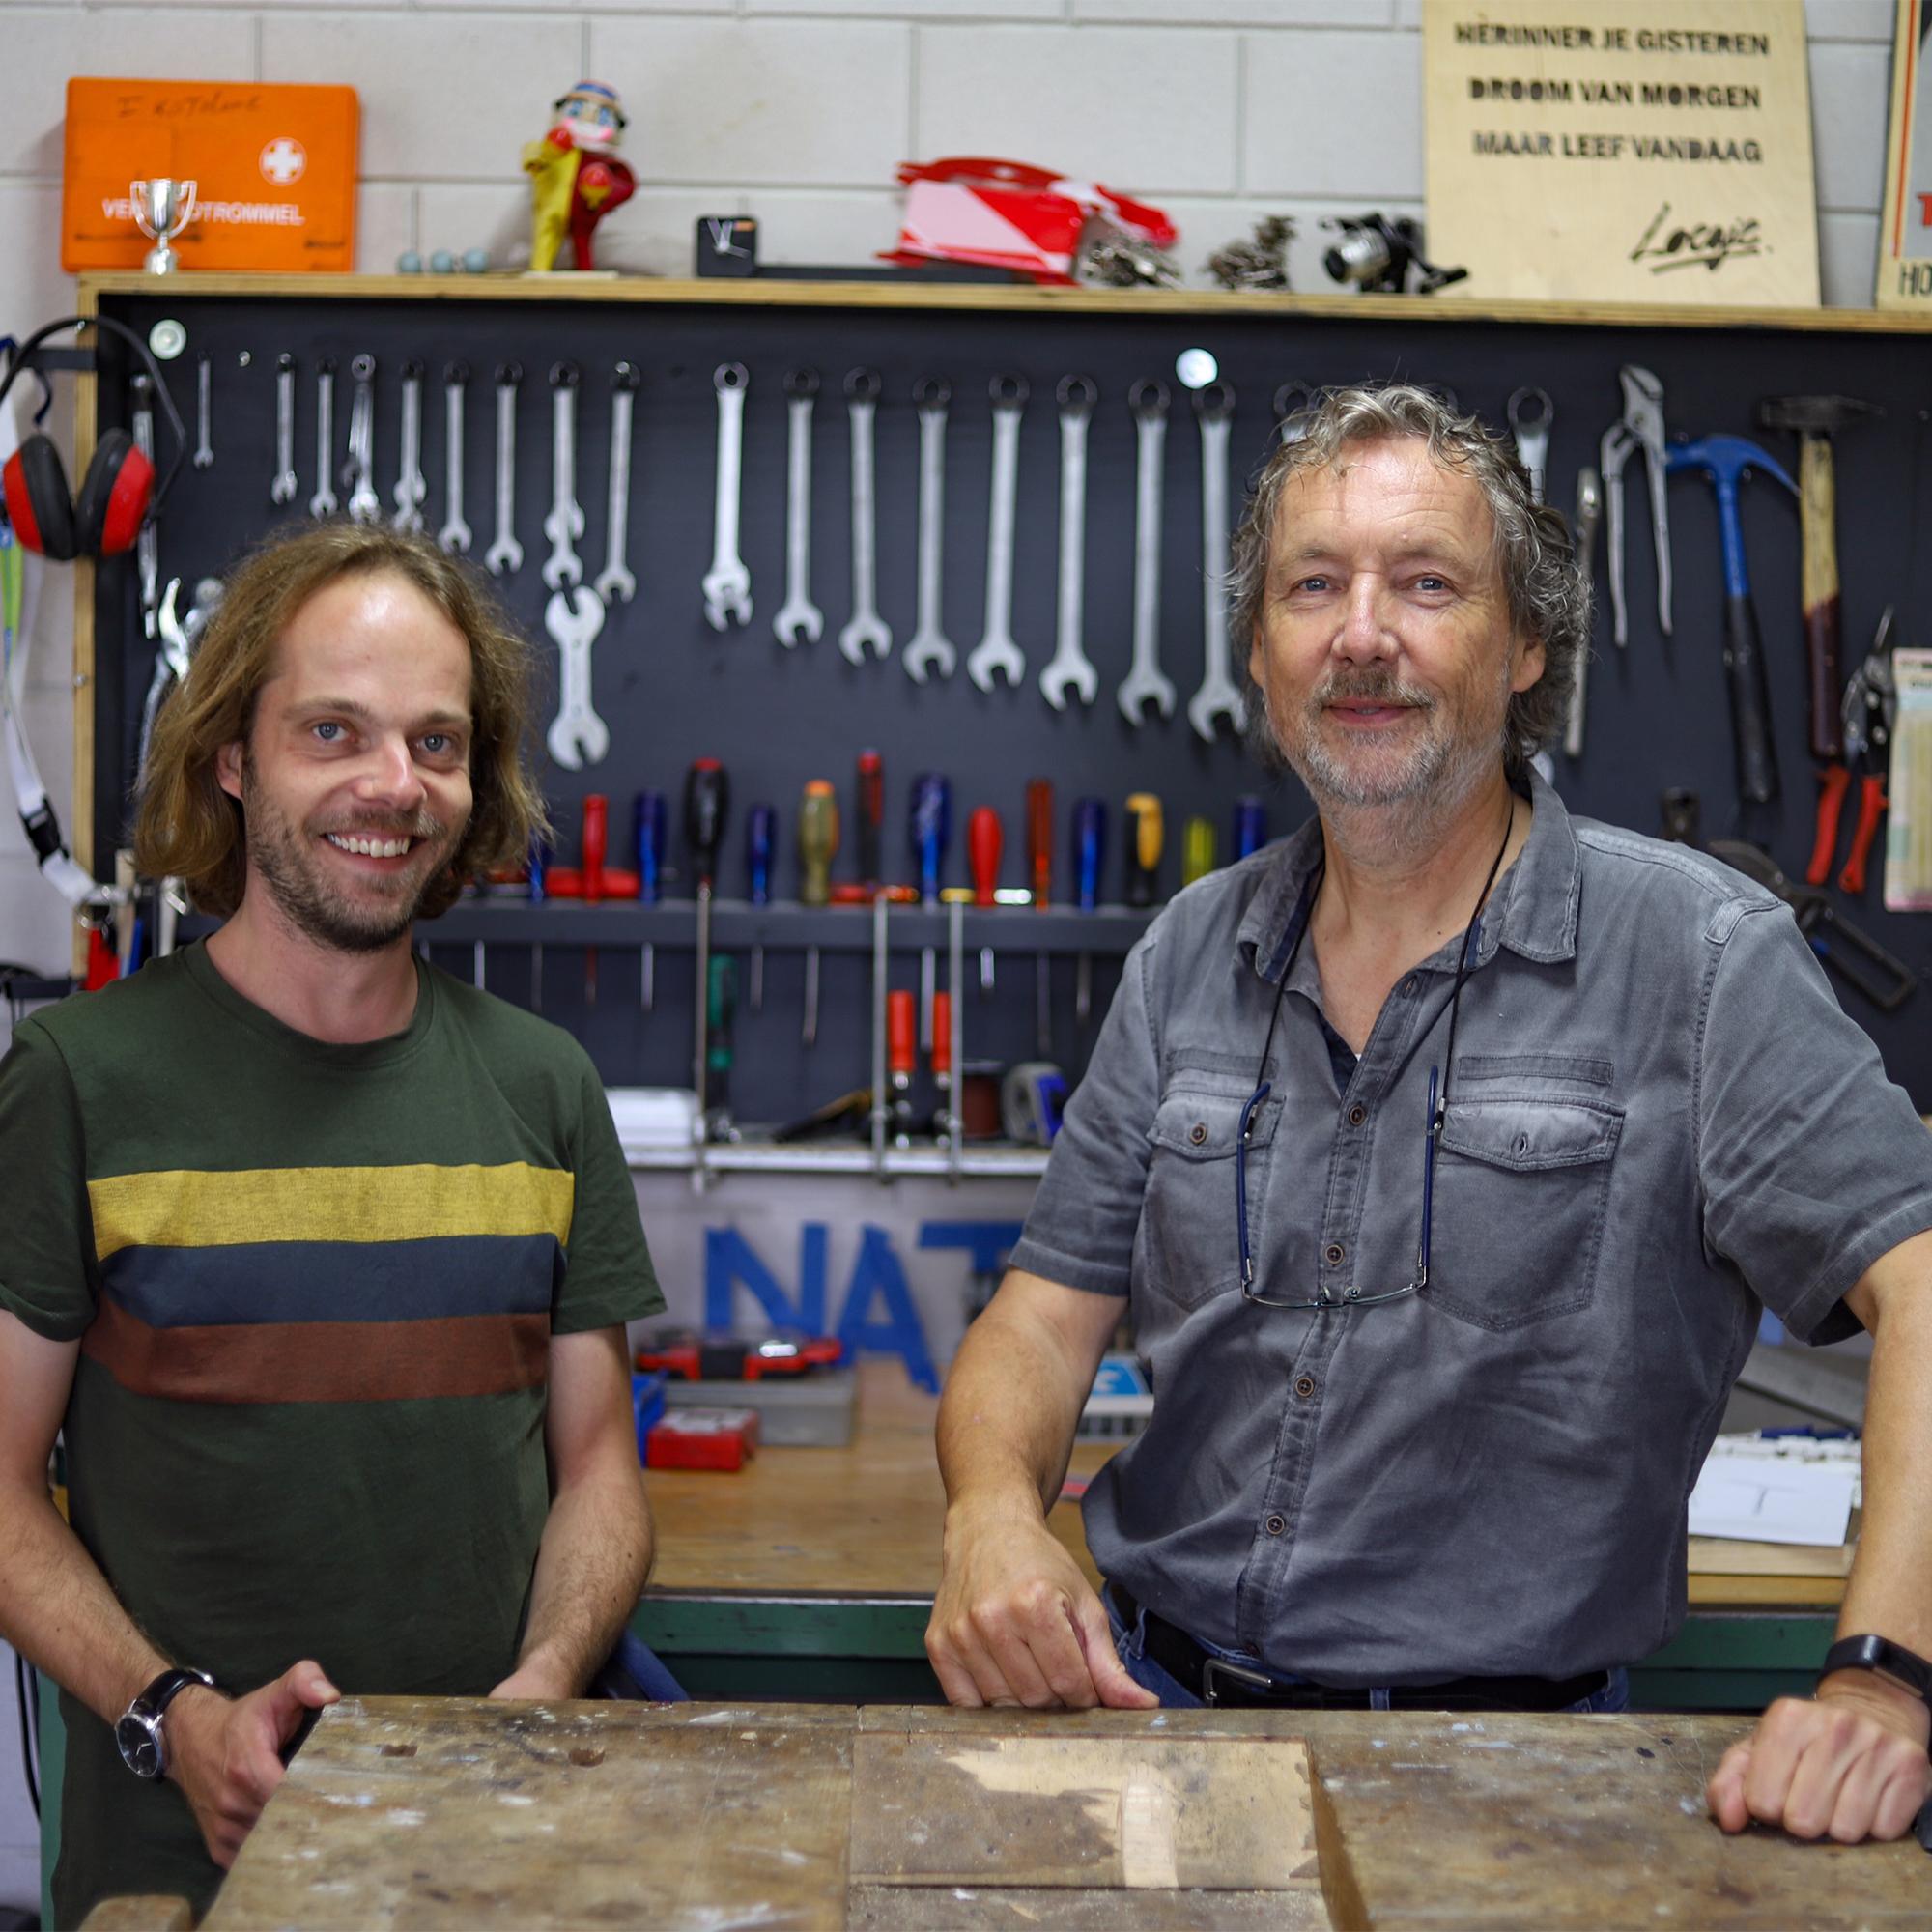 Arjan Veenhuizen en Martin Gosenshuis